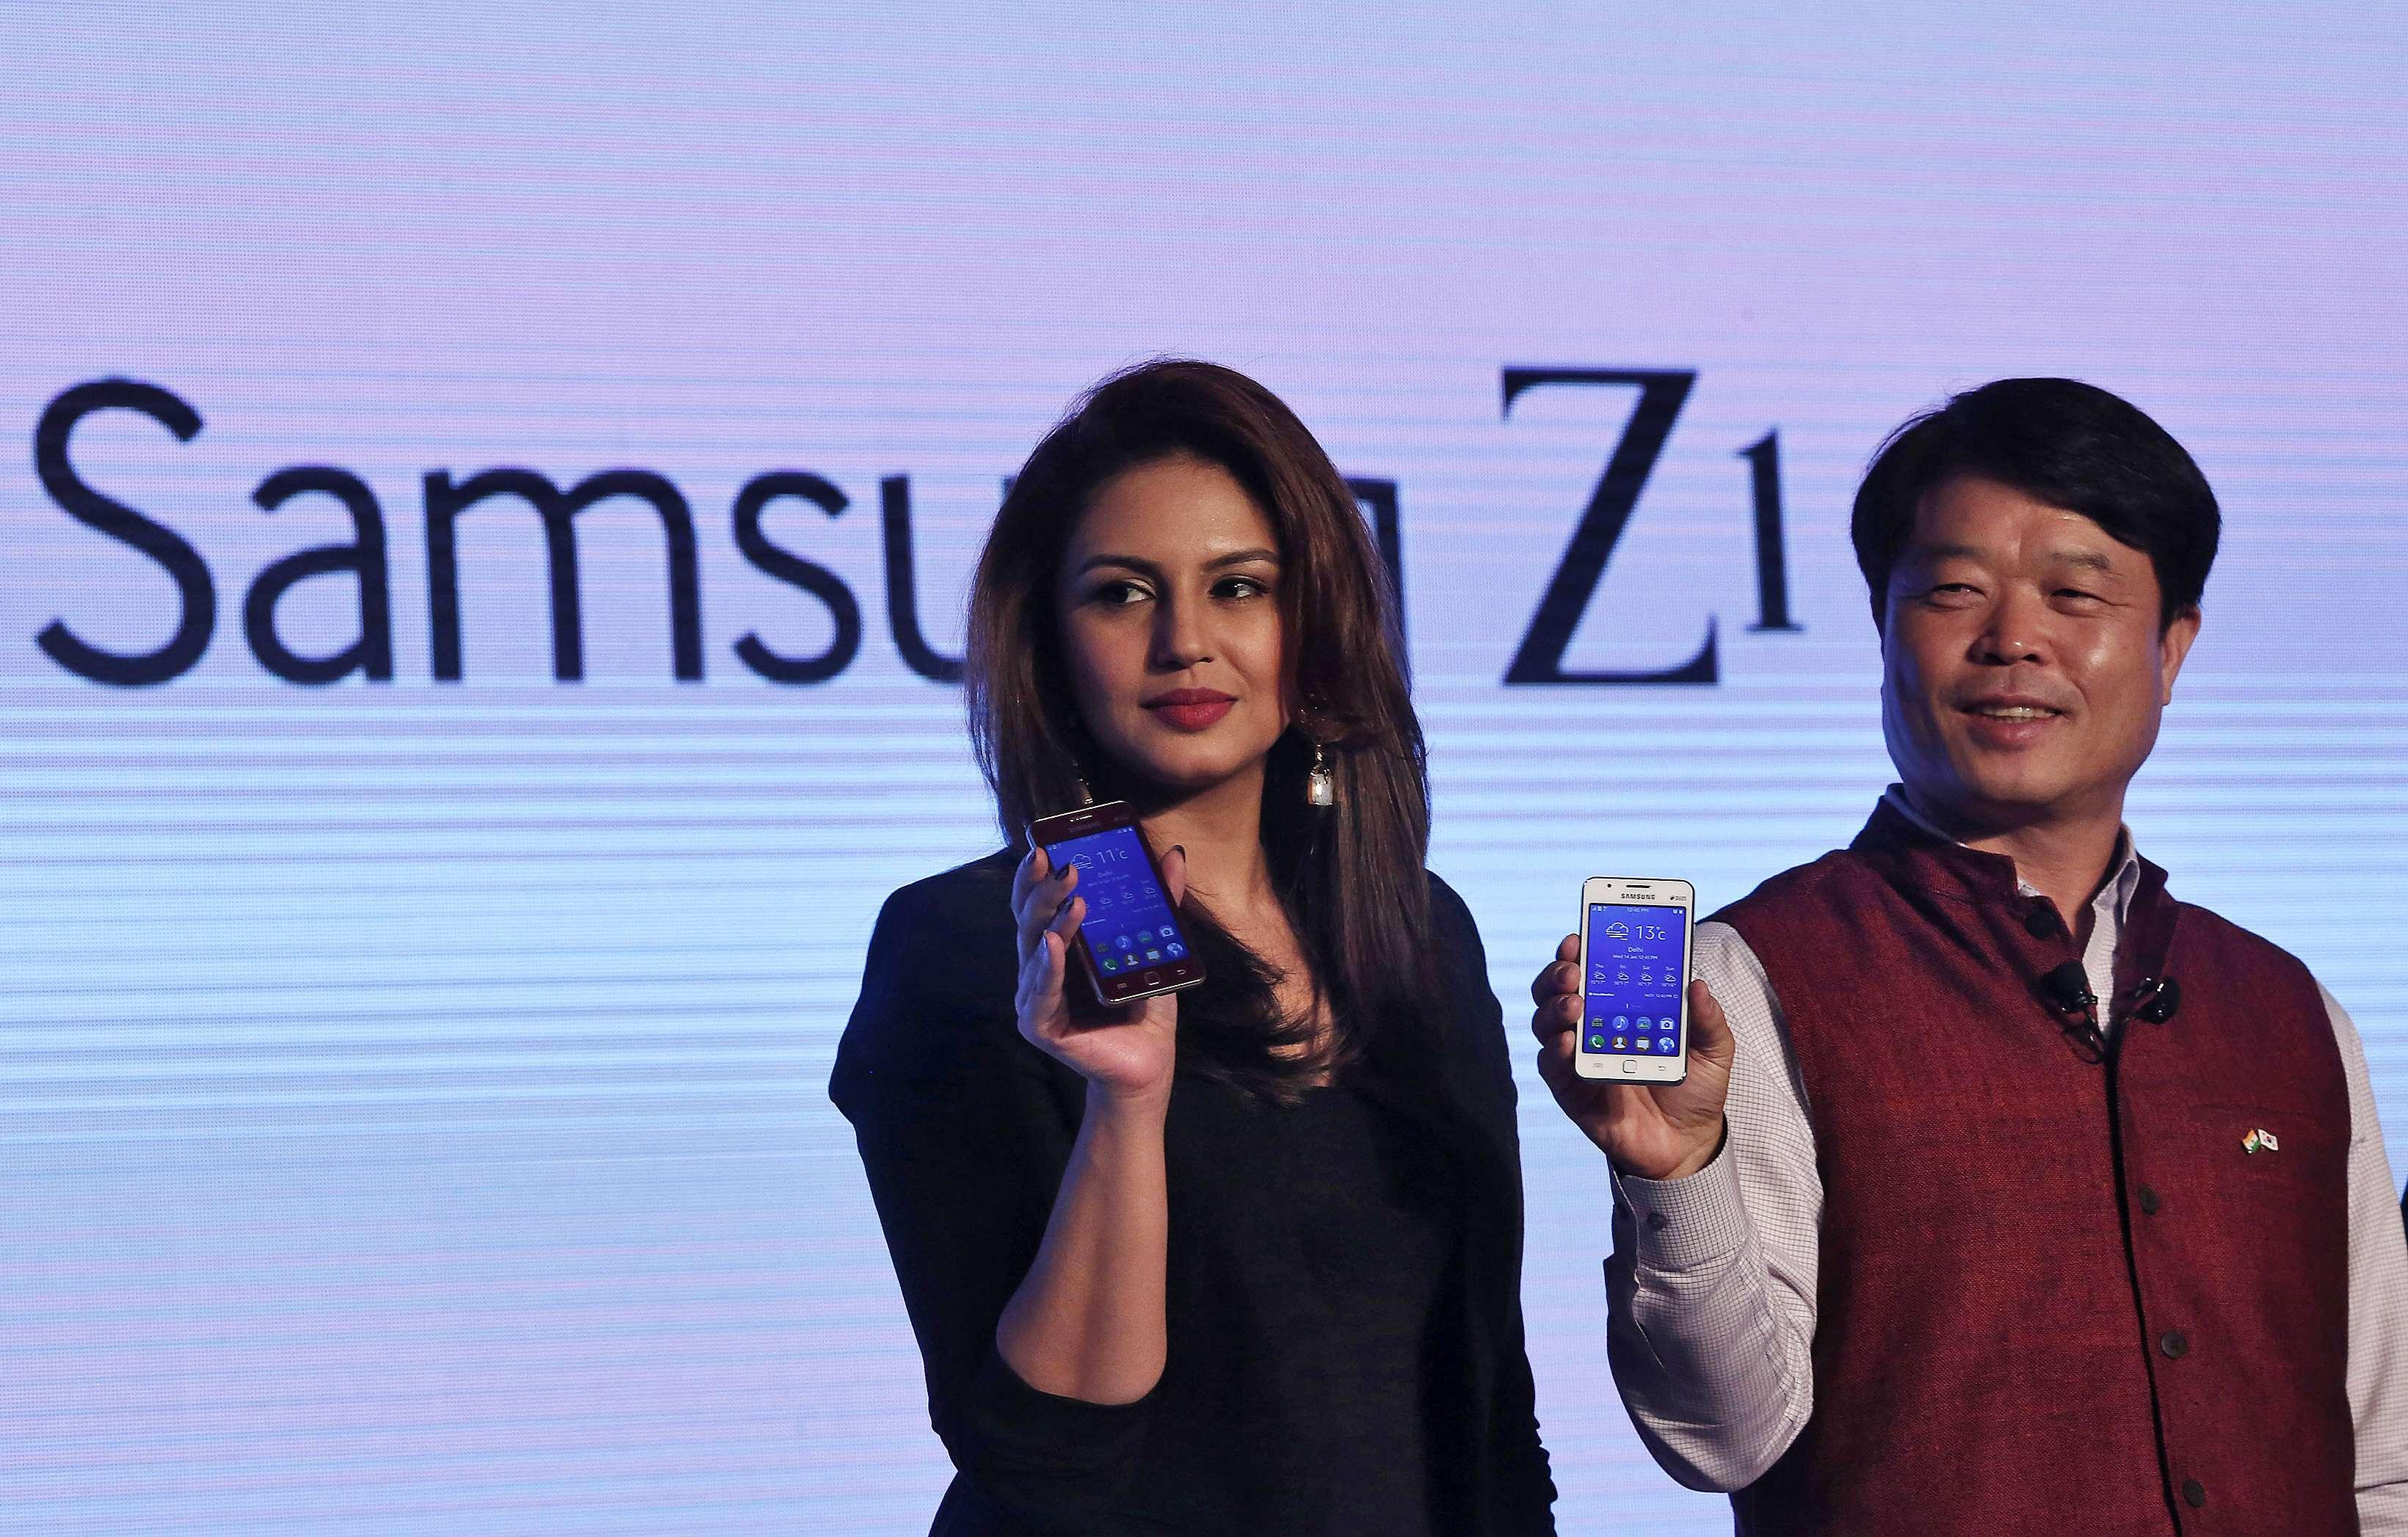 samsung z11 - Samsung sẽ thắng với smartphone Tizen đầu tiên?